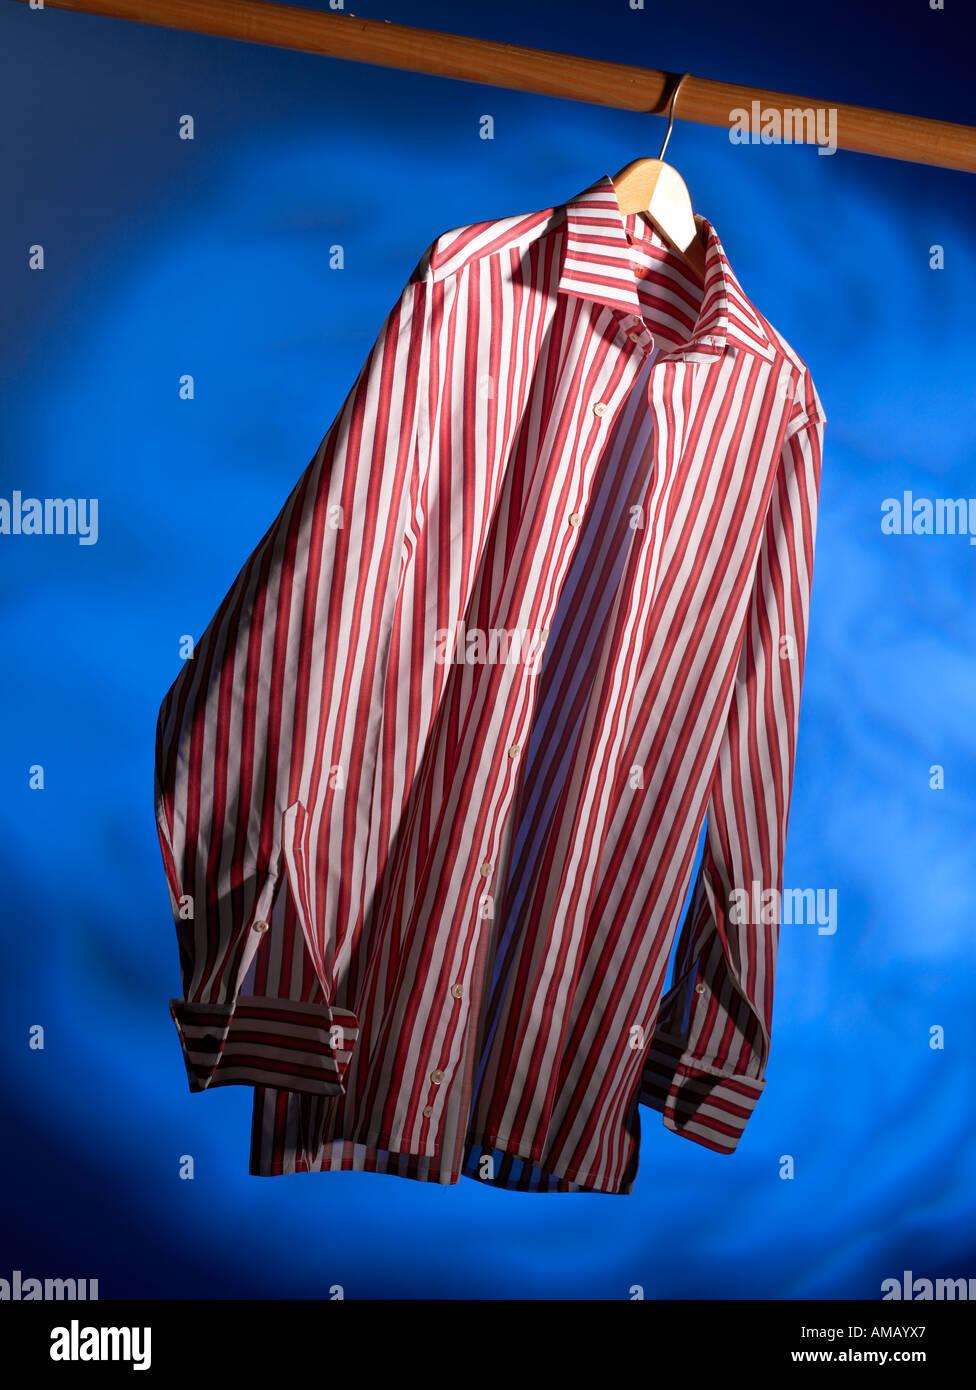 Shirt on Hanger vertical - Stock Image